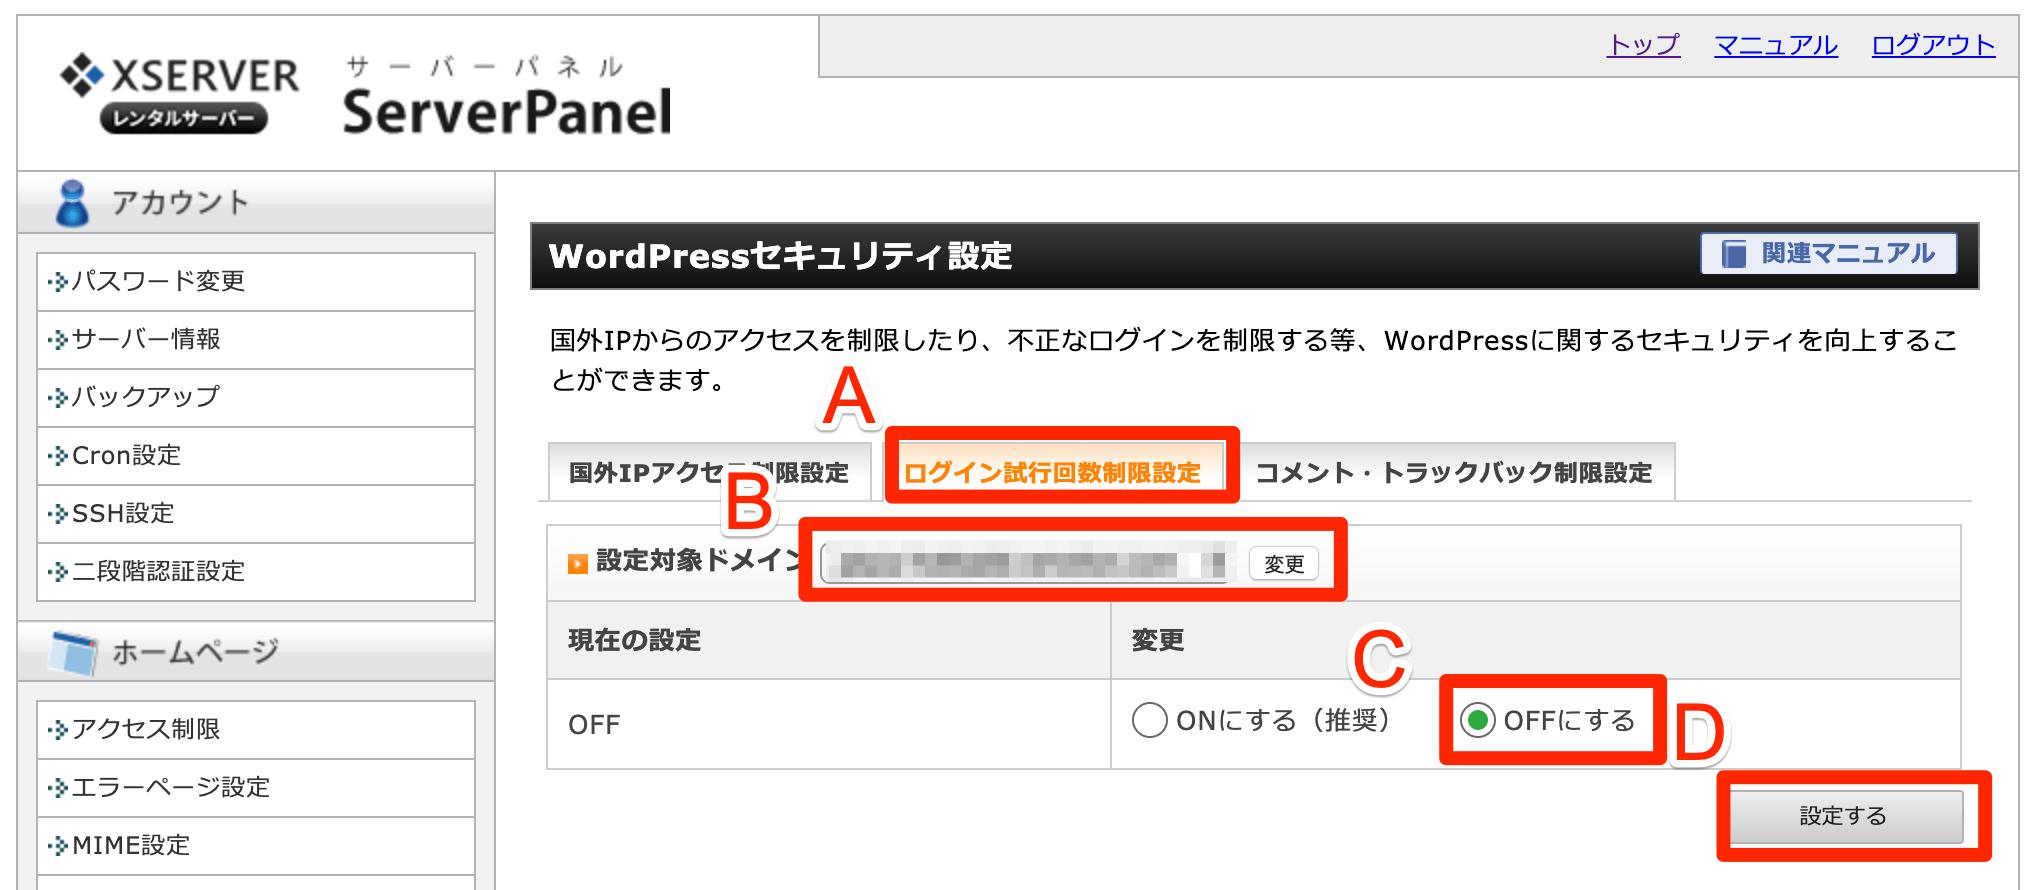 WordPress管理画面へのログインが拒否されたときの対応方法